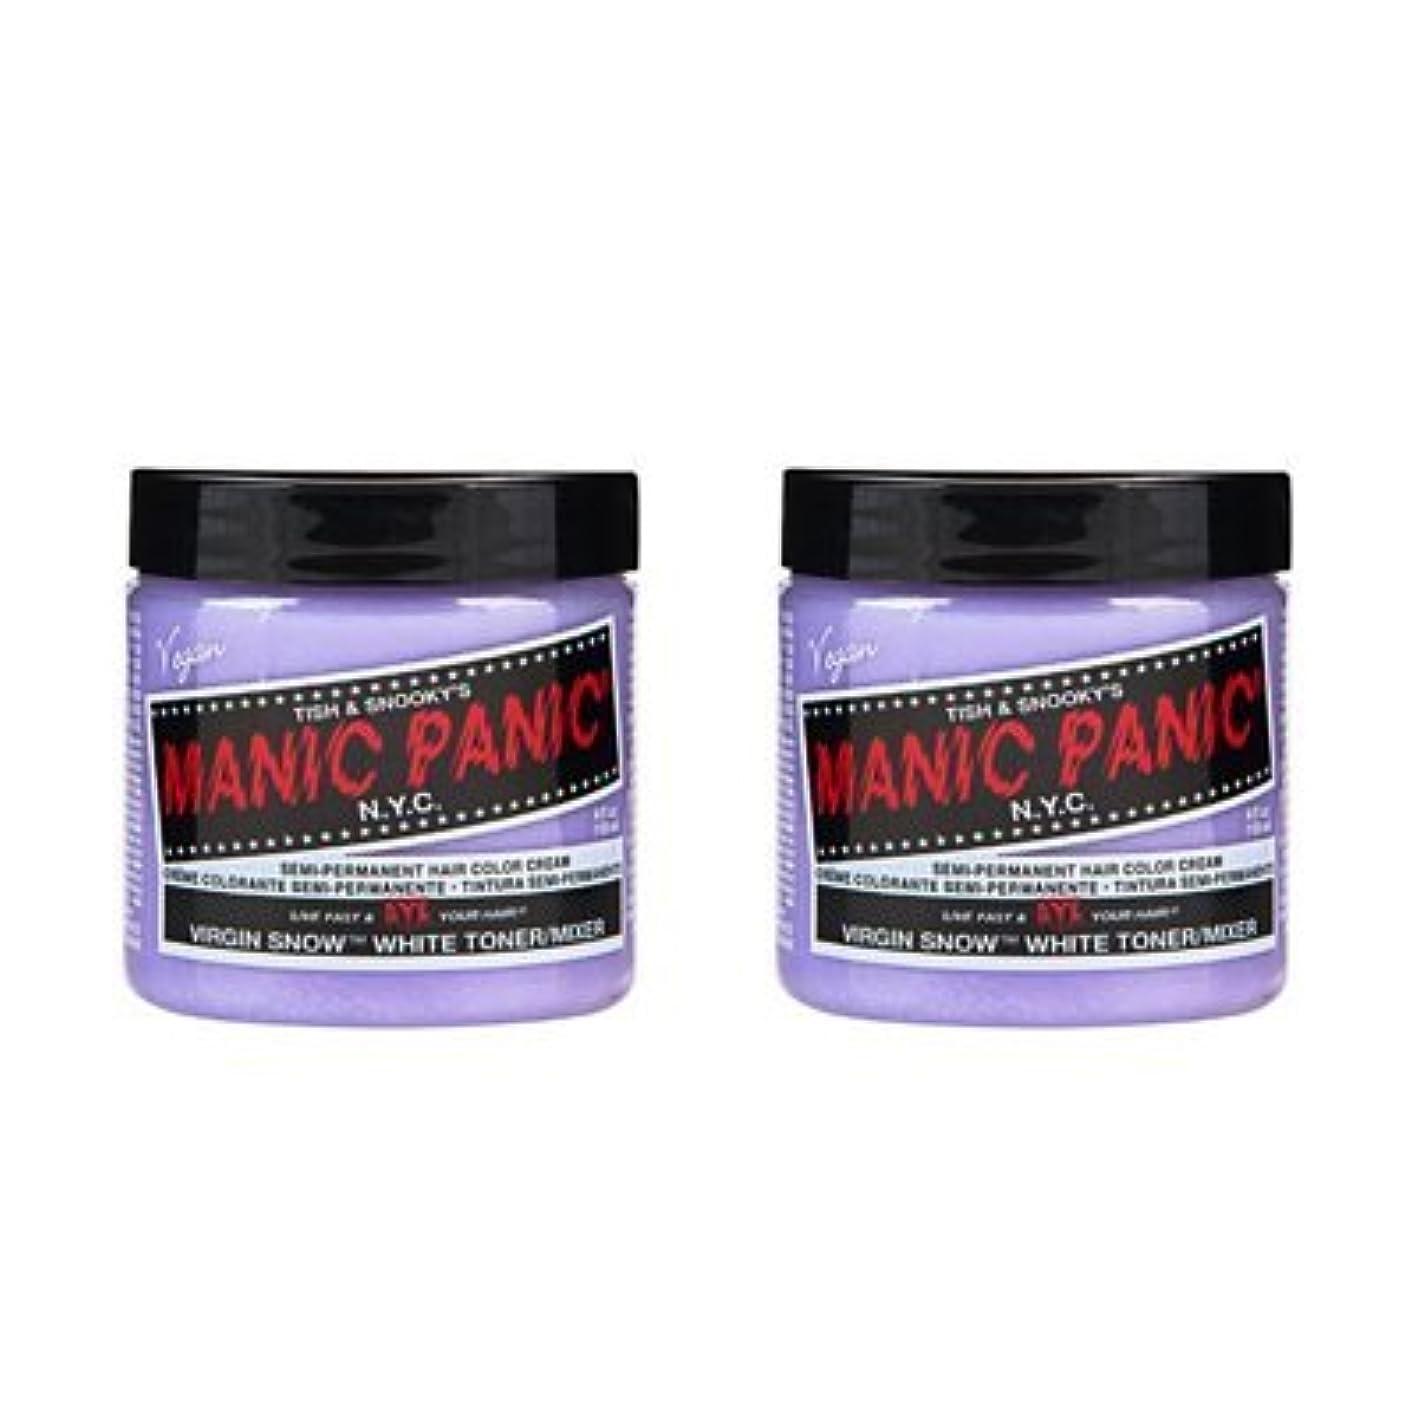 非難する孤独な百【2個セット】MANIC PANIC マニックパニック Virgin Snow (ヴァージン?スノー) 118ml